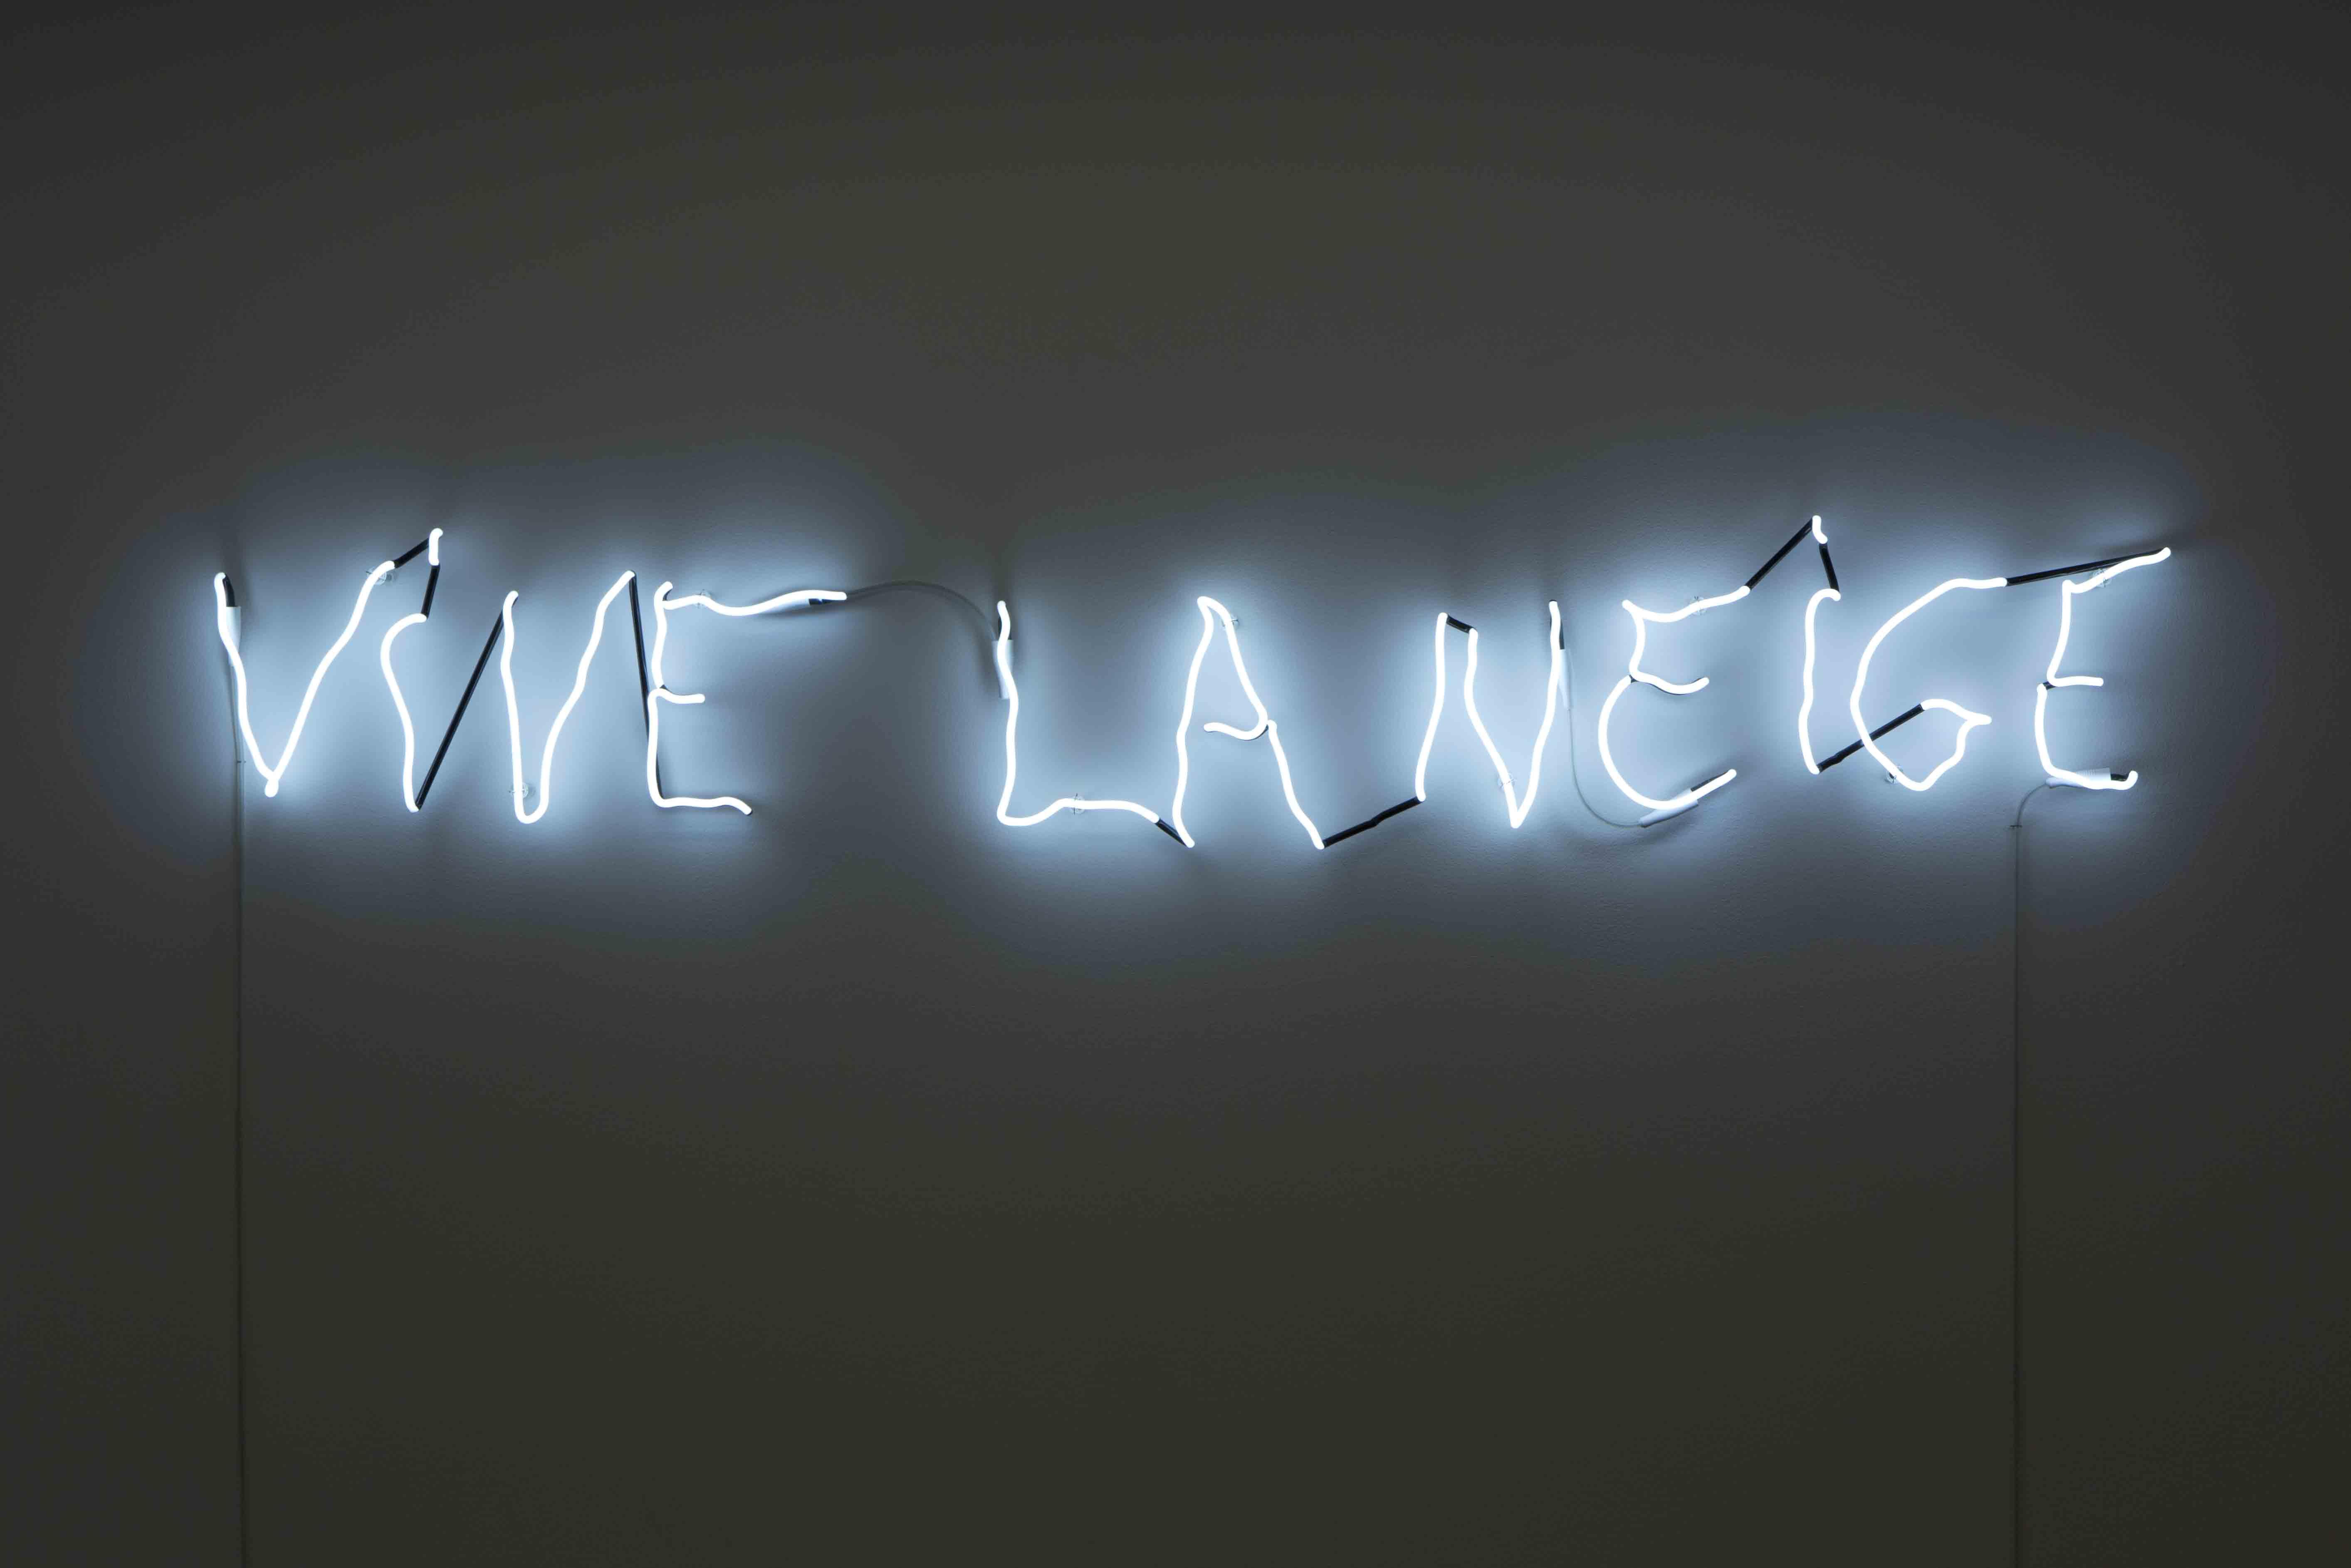 """""""Vive la neige"""" (2010) de Claude Lévêque. Néon blanc, 30 x 190 cm. White neon. Écriture/Writing : Côme Duwa Édition/Edition N°3/3 (+ 2 épreuves d'artiste/artist proofs) Provenance : L'artiste/The artist & Kamel Mennour, Paris/London © ADAGP Claude Lévêque Courtesy of the artist and Kamel Mennour, Paris/London"""